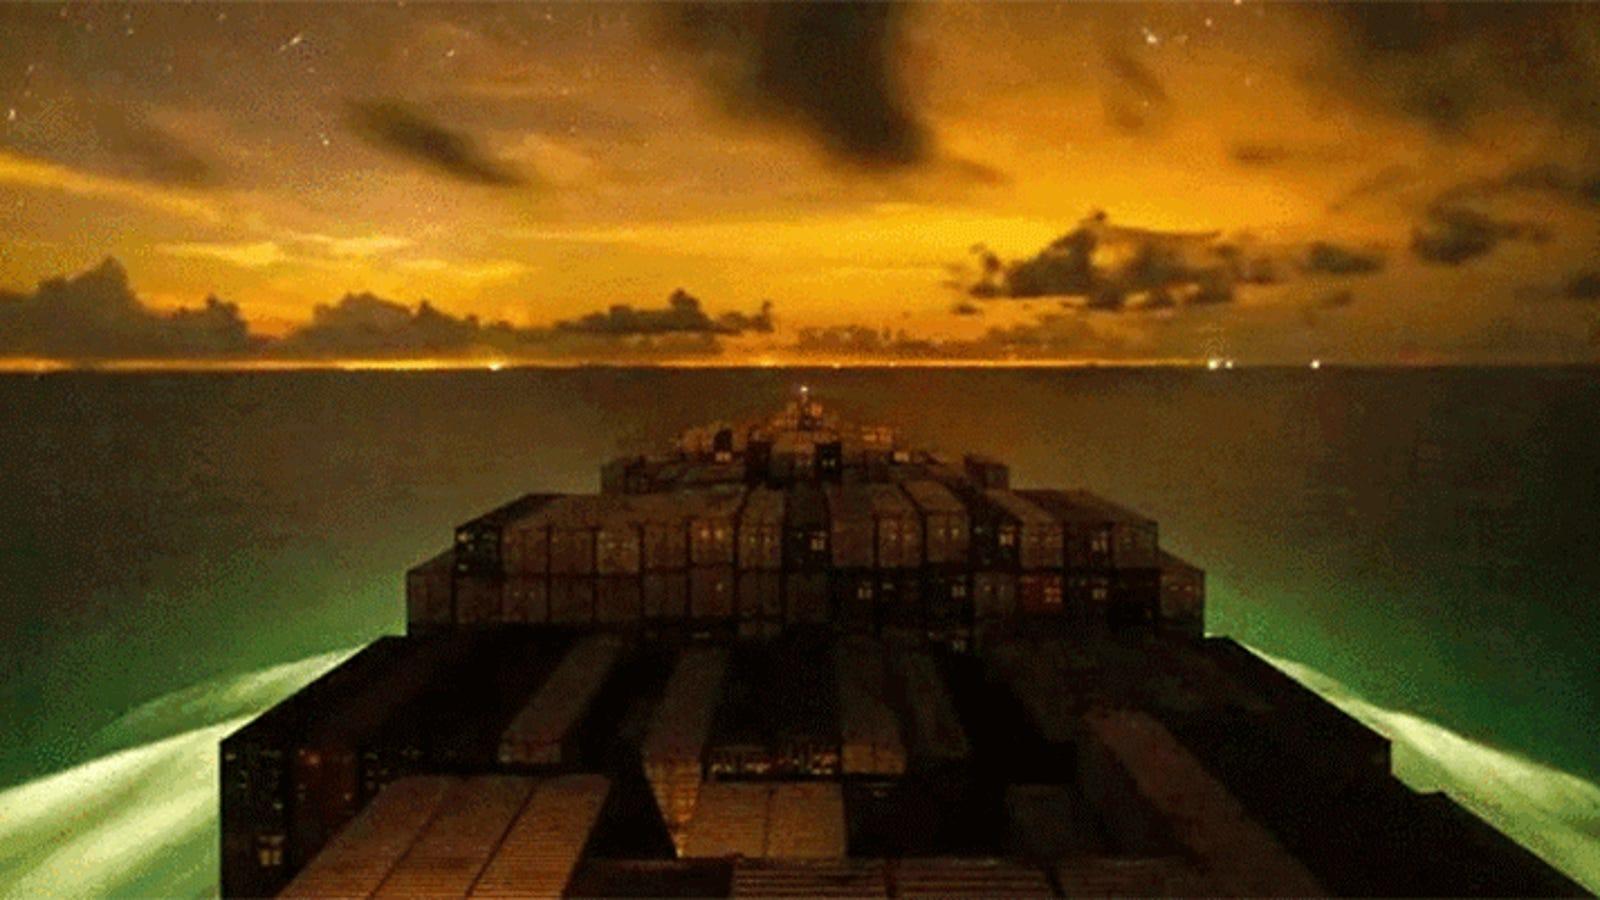 La vida de un buque de contenedores es puro espectáculo en este time-lapse